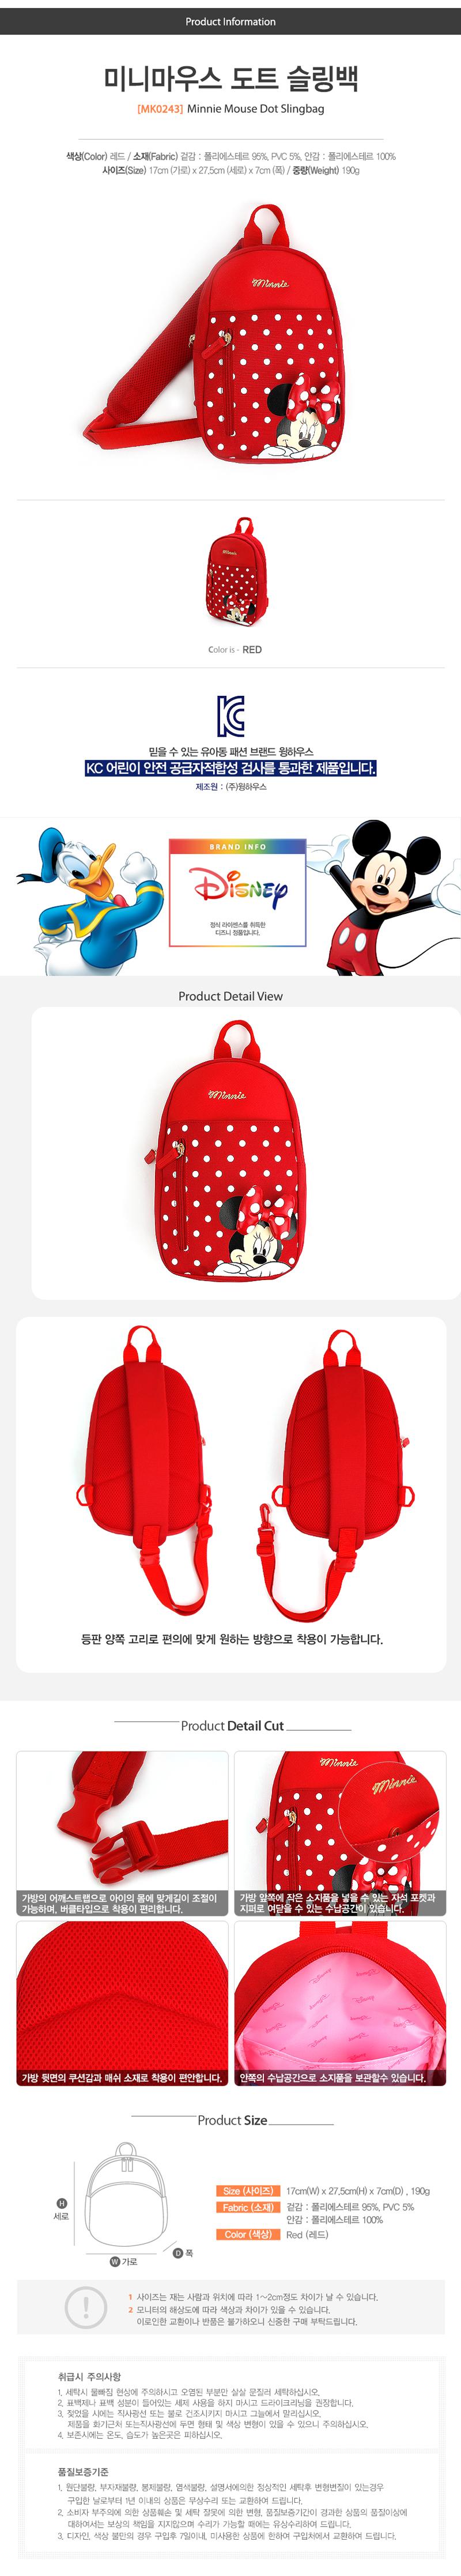 미니마우스 도트 슬링백 디즈니 캐릭터 숄더백 - 쥬피터, 36,300원, 가방, 크로스/숄더백